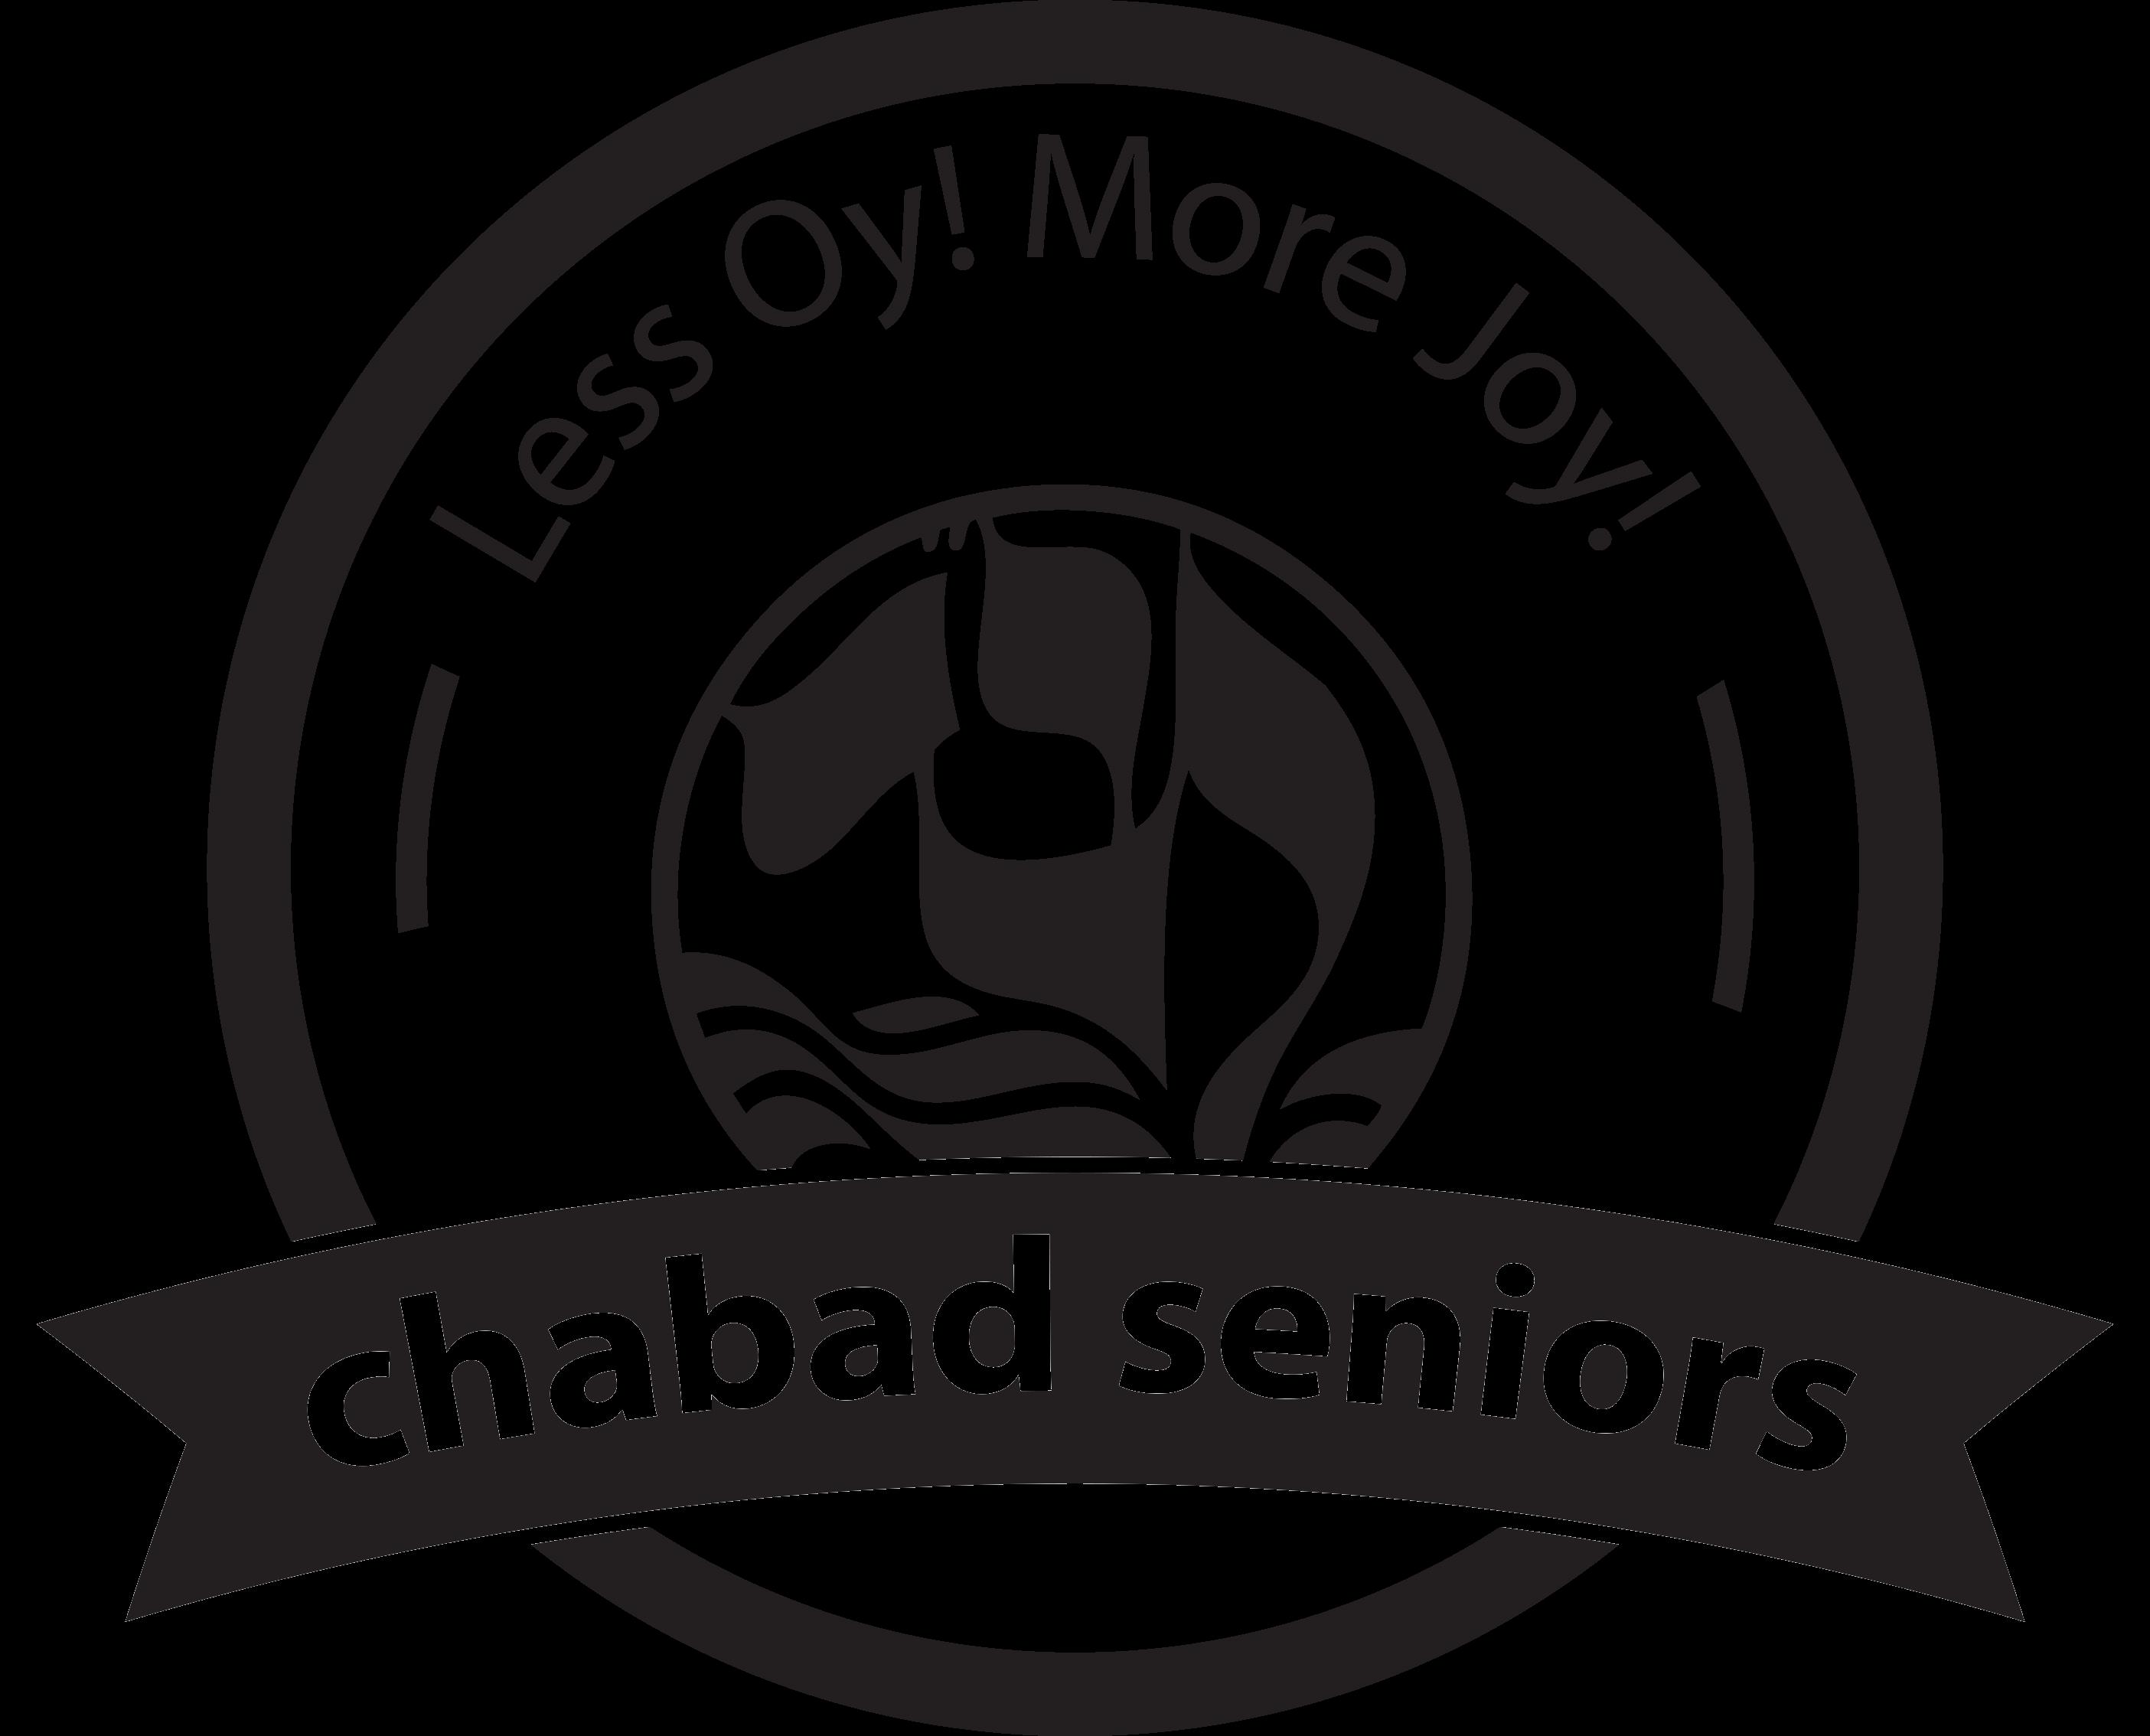 Chabad Seniors Logo.png